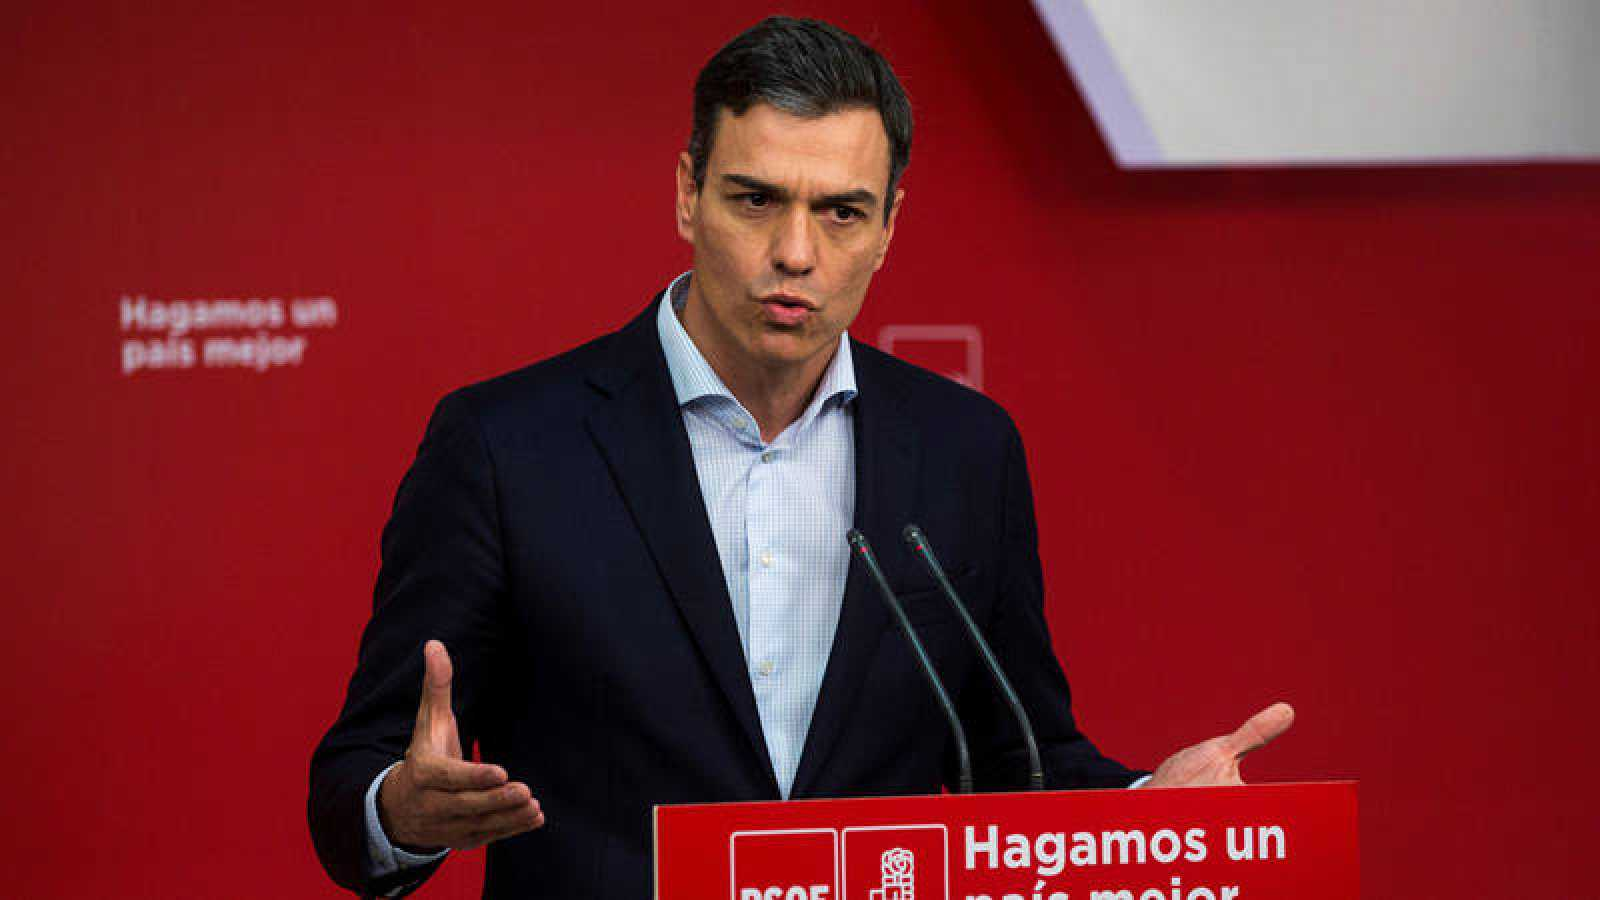 El secretario general del PSOE, Pedro Sánchez, durante una rueda de prensa en la sede de Ferraz